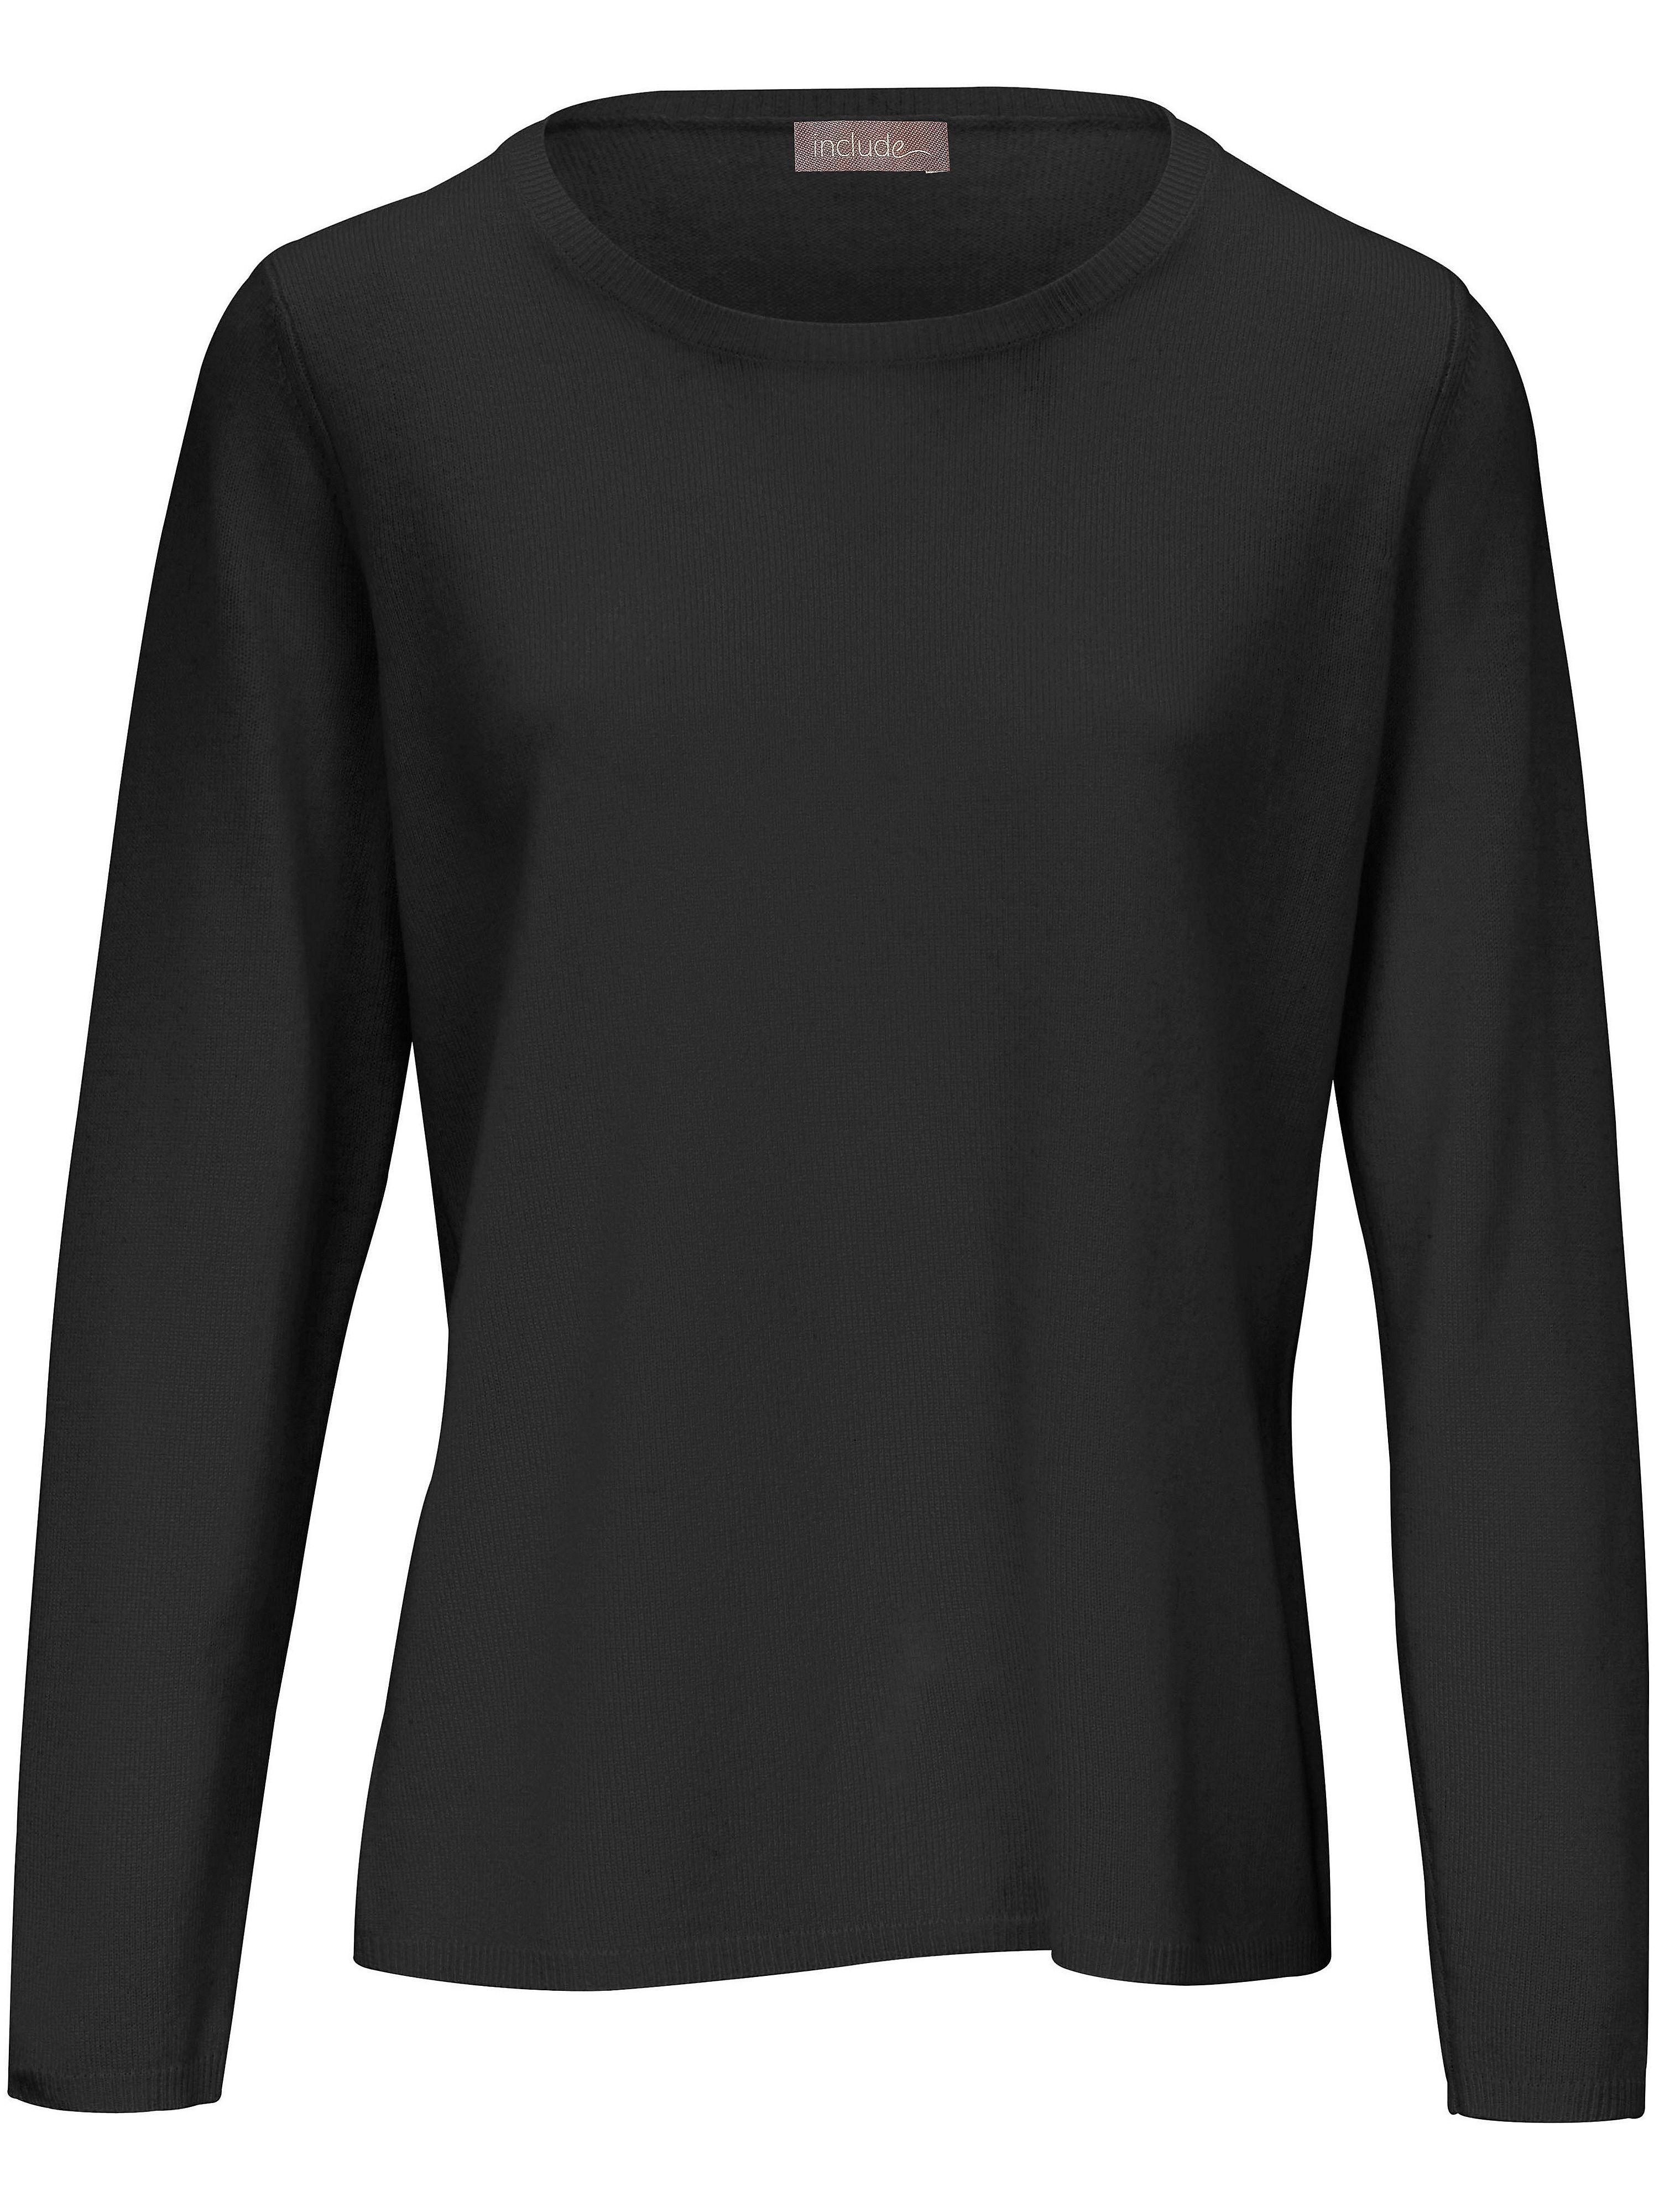 Rundhals-Pullover include schwarz | Bekleidung > Pullover > Rundhalspullover | Schurwolle | include